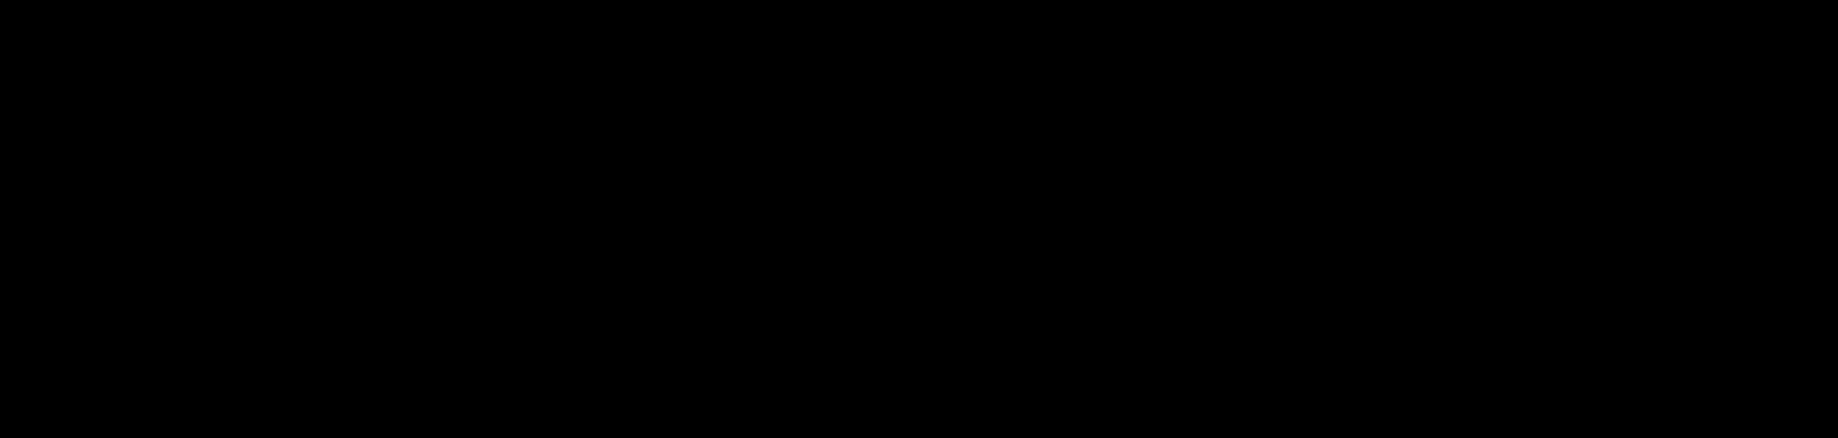 go.van.logo.png